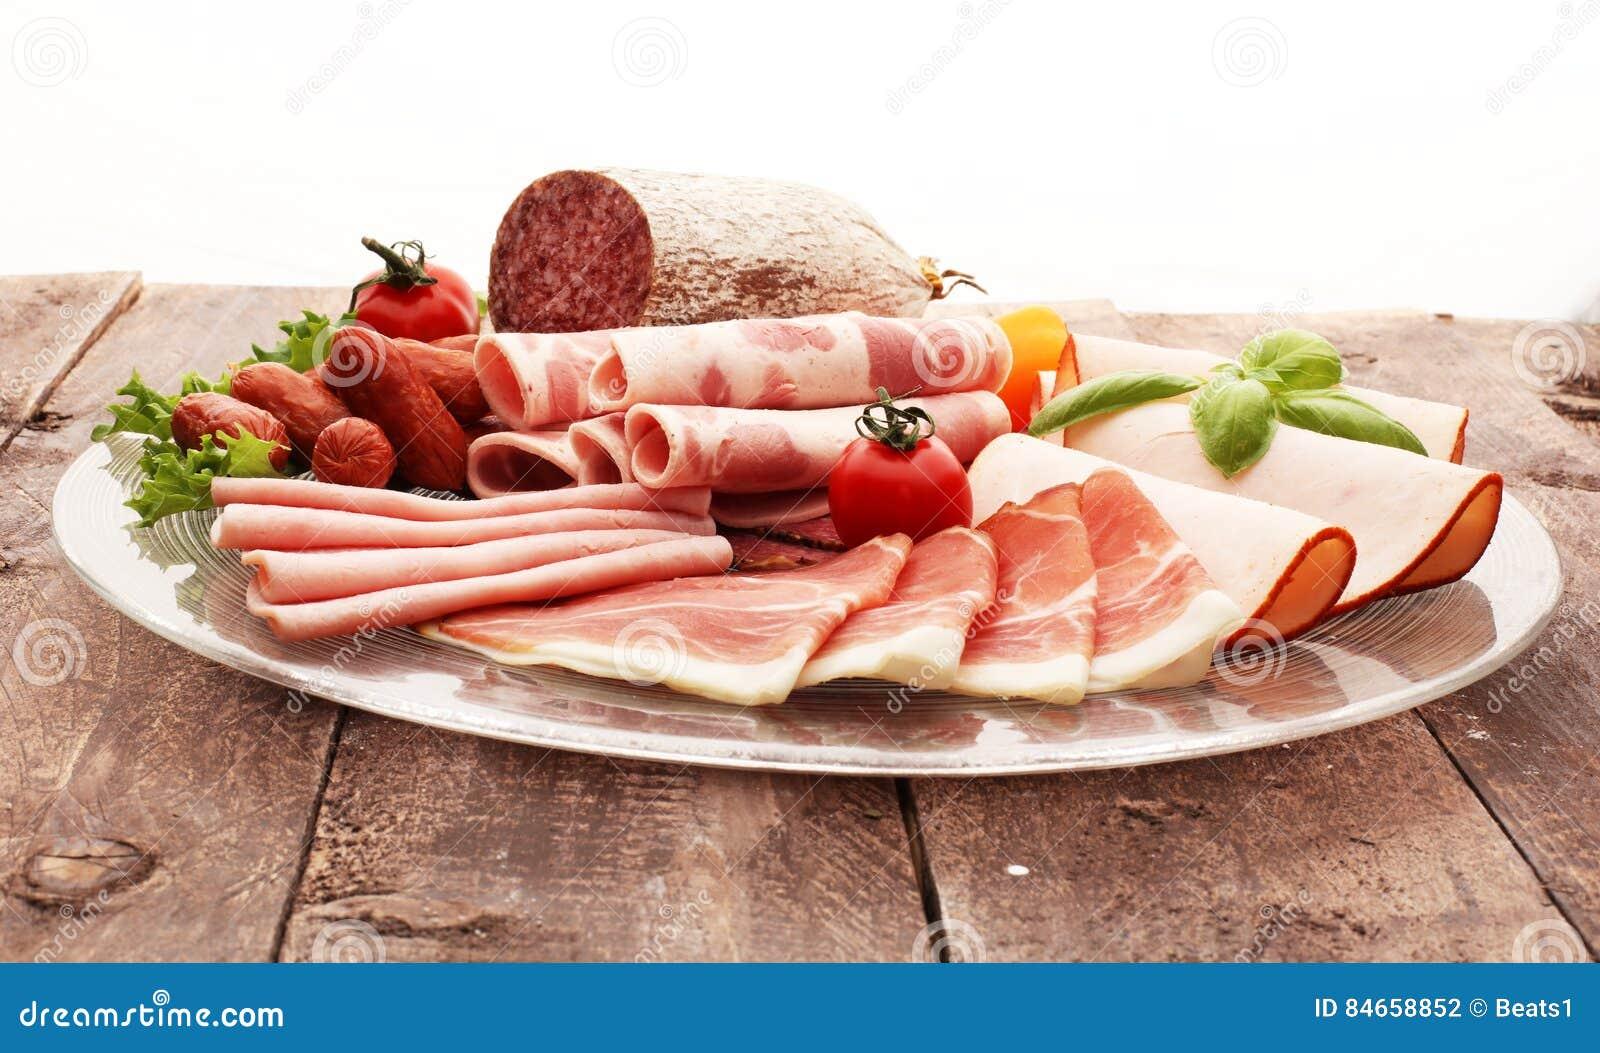 Bandeja de la comida con el salami delicioso, los pedazos de jamón cortado, la salchicha, los tomates, la ensalada y la verdura -